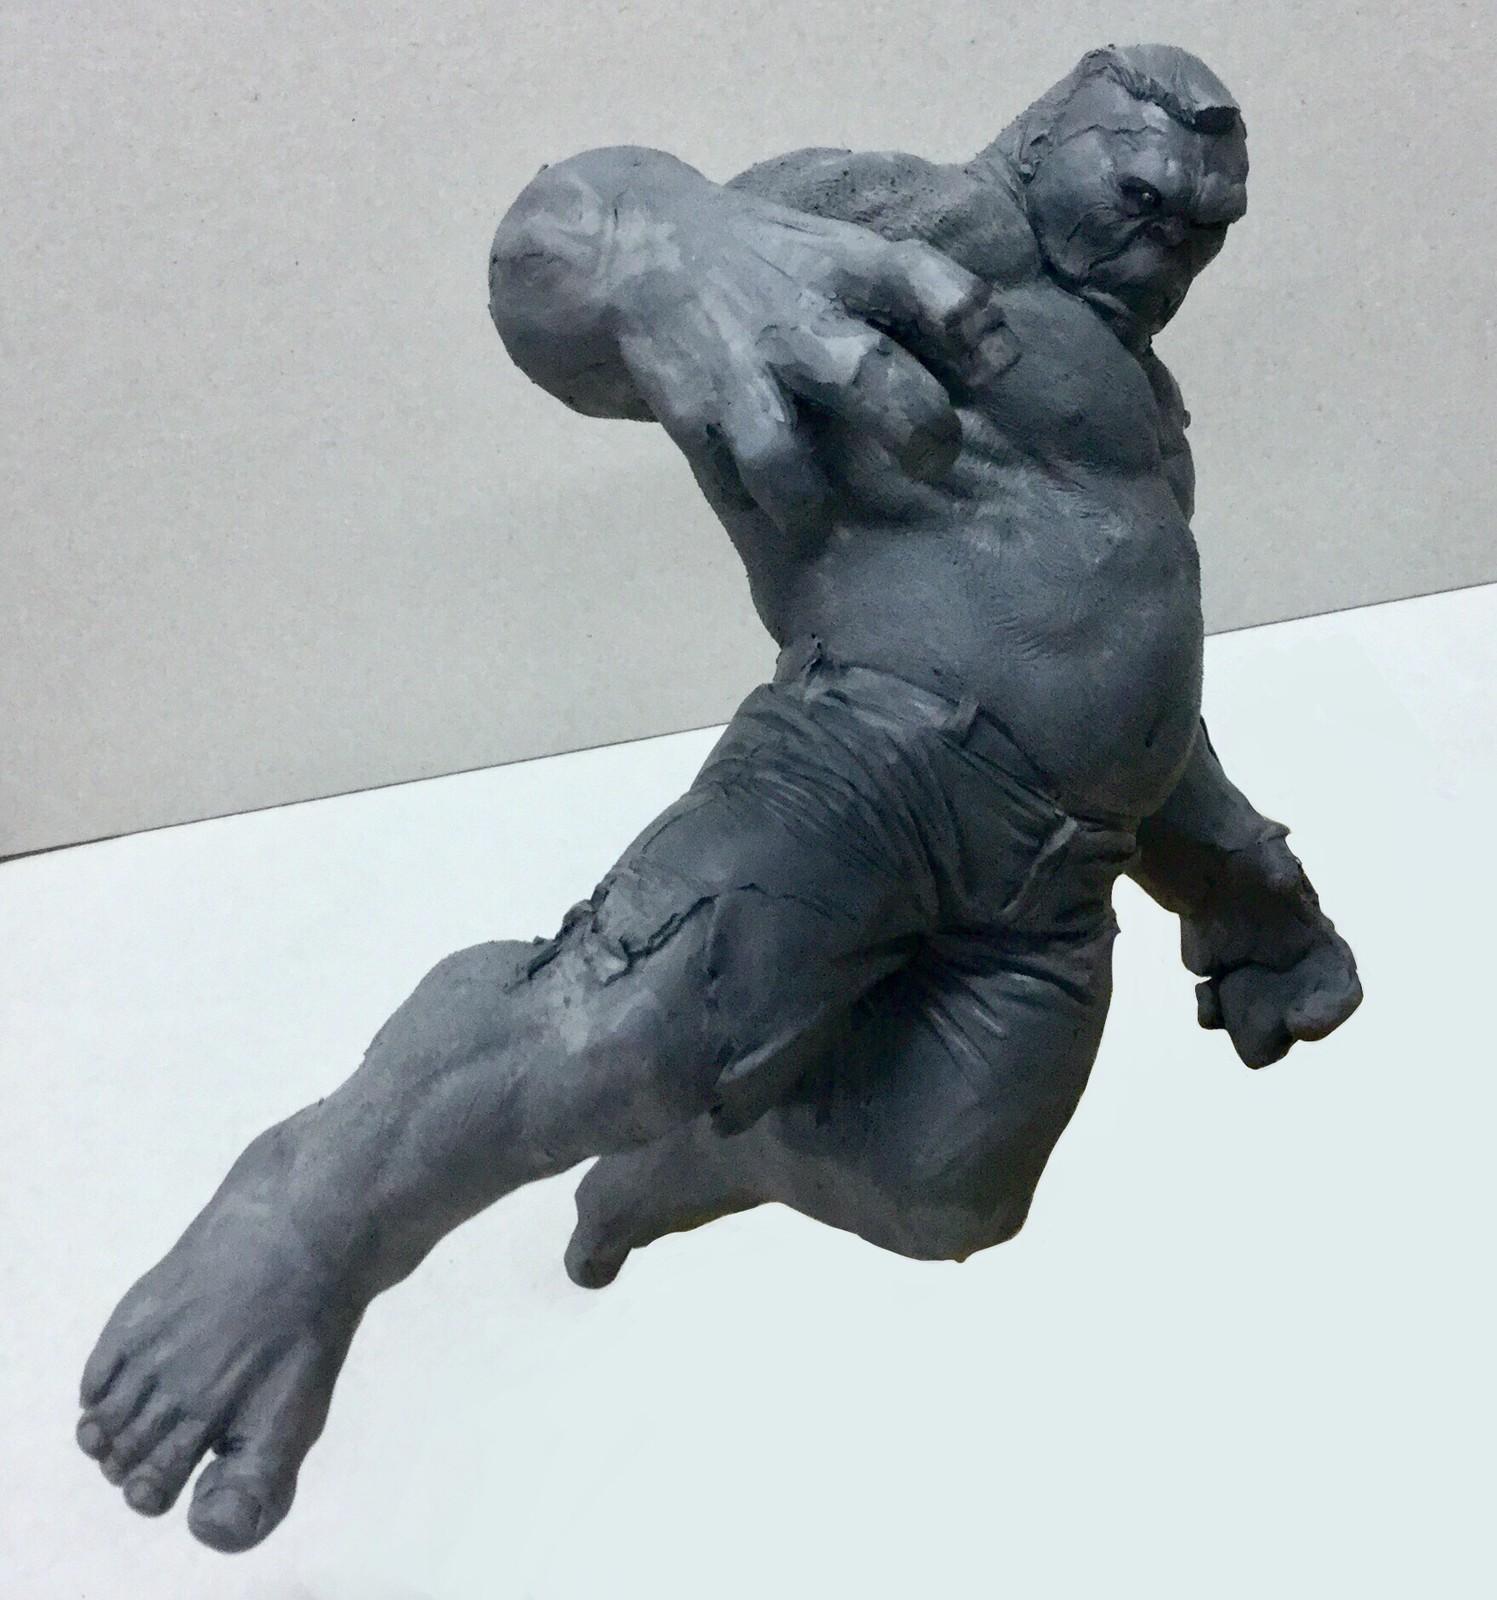 Hulk/wuick sketch/ plasticine